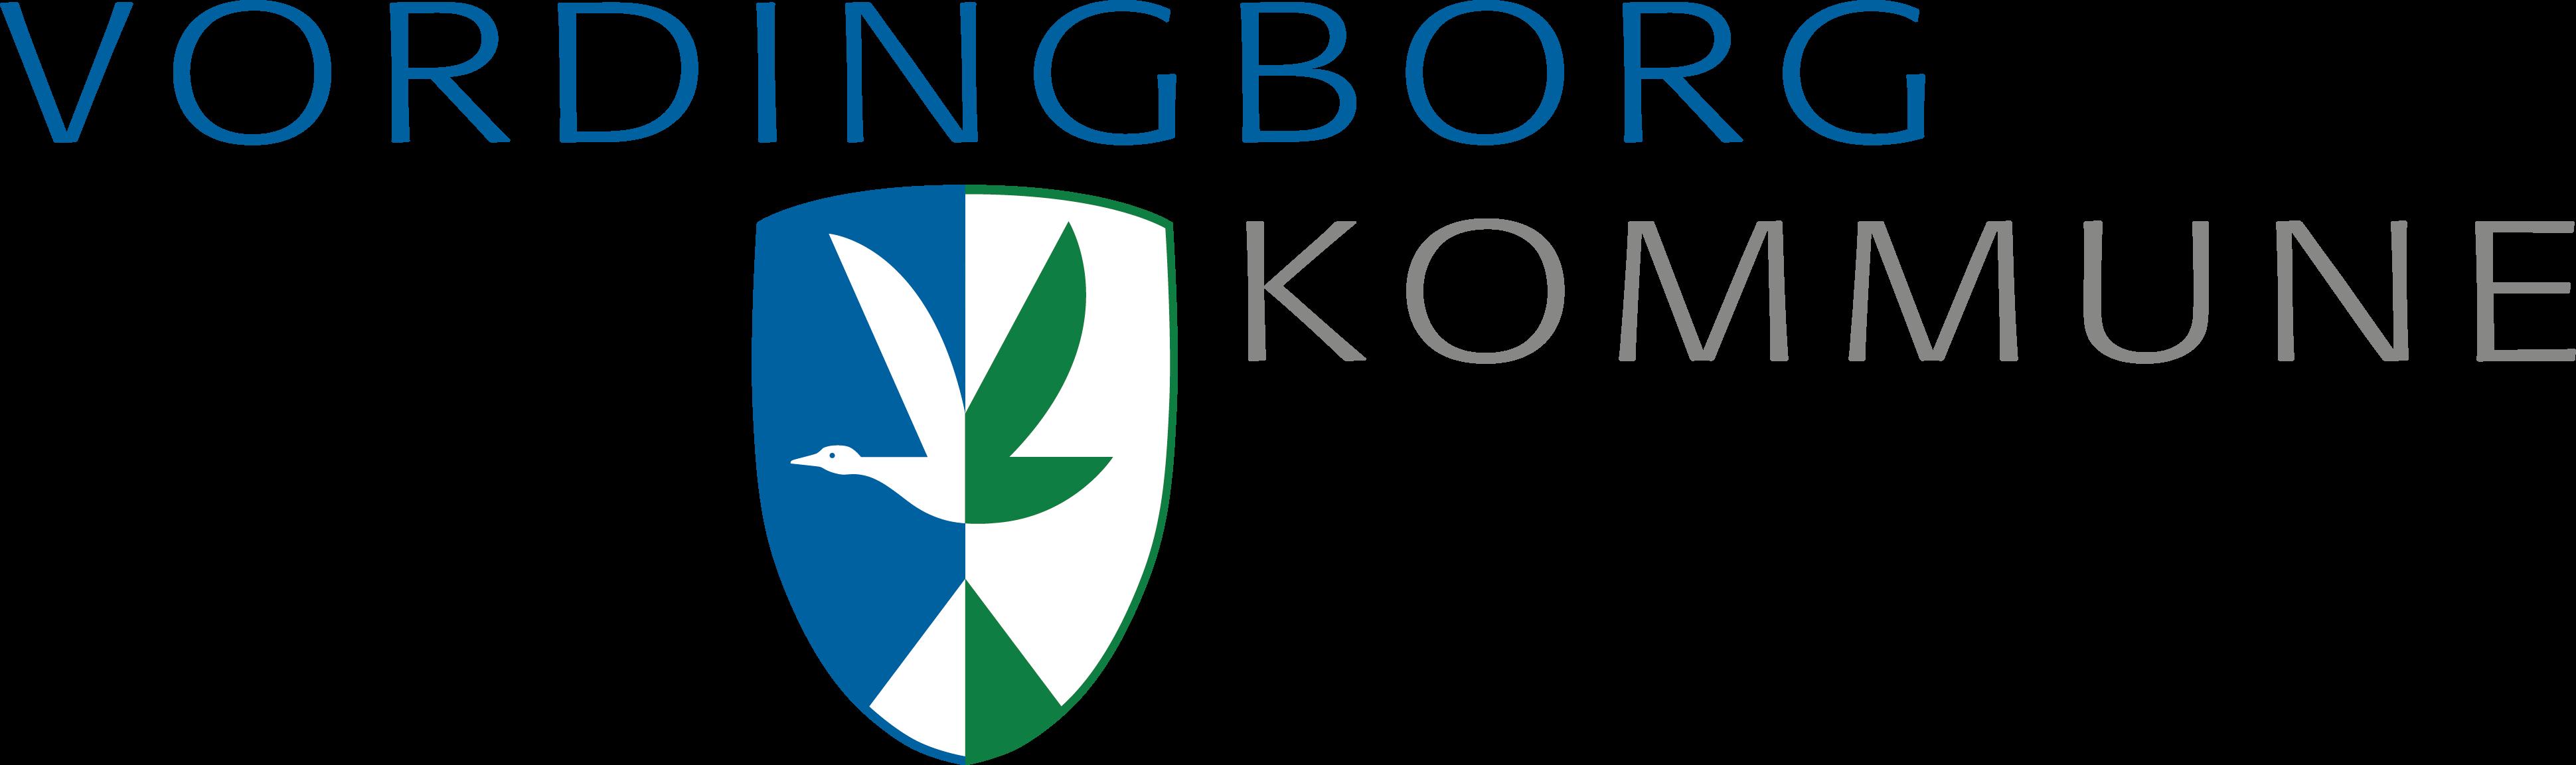 vordingborg-logo